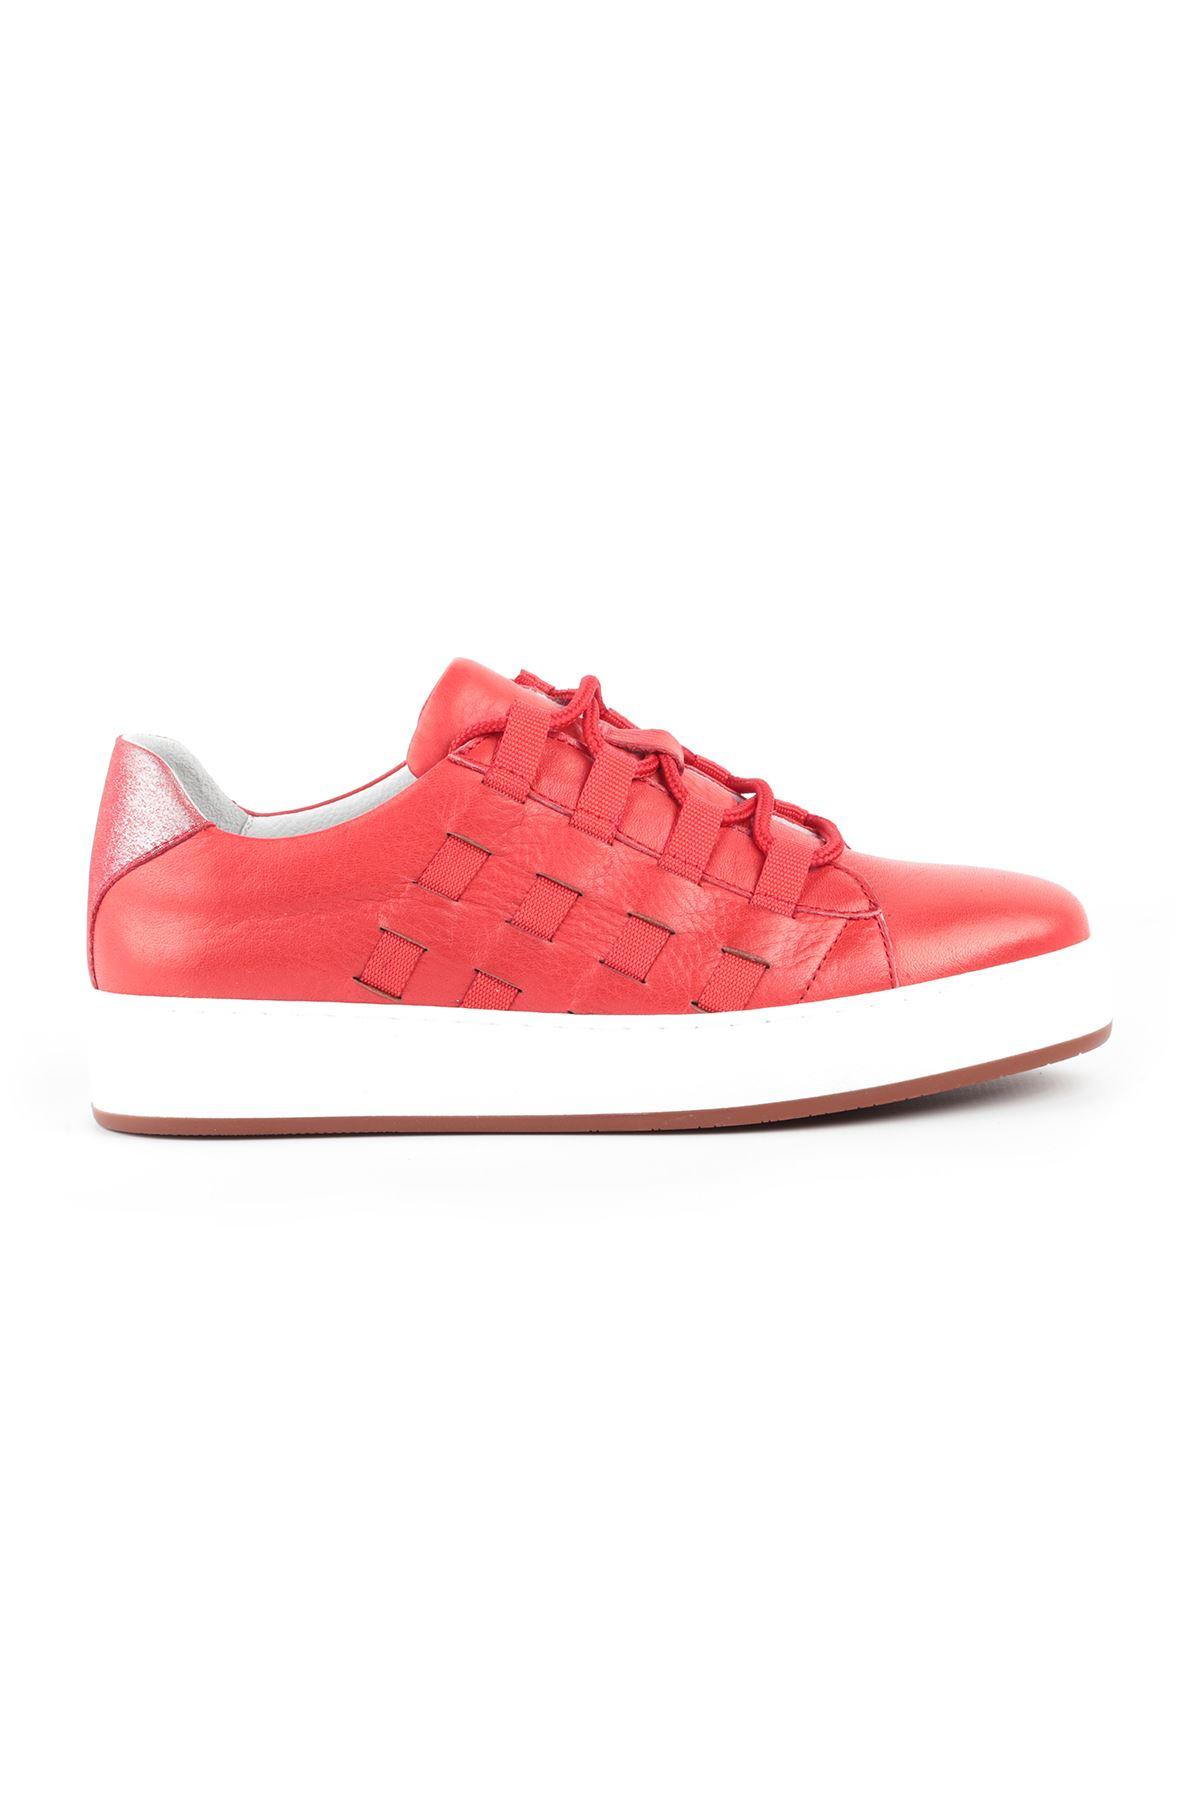 Libero Dİ2005 Kırmızı Kadın Spor Ayakkabı